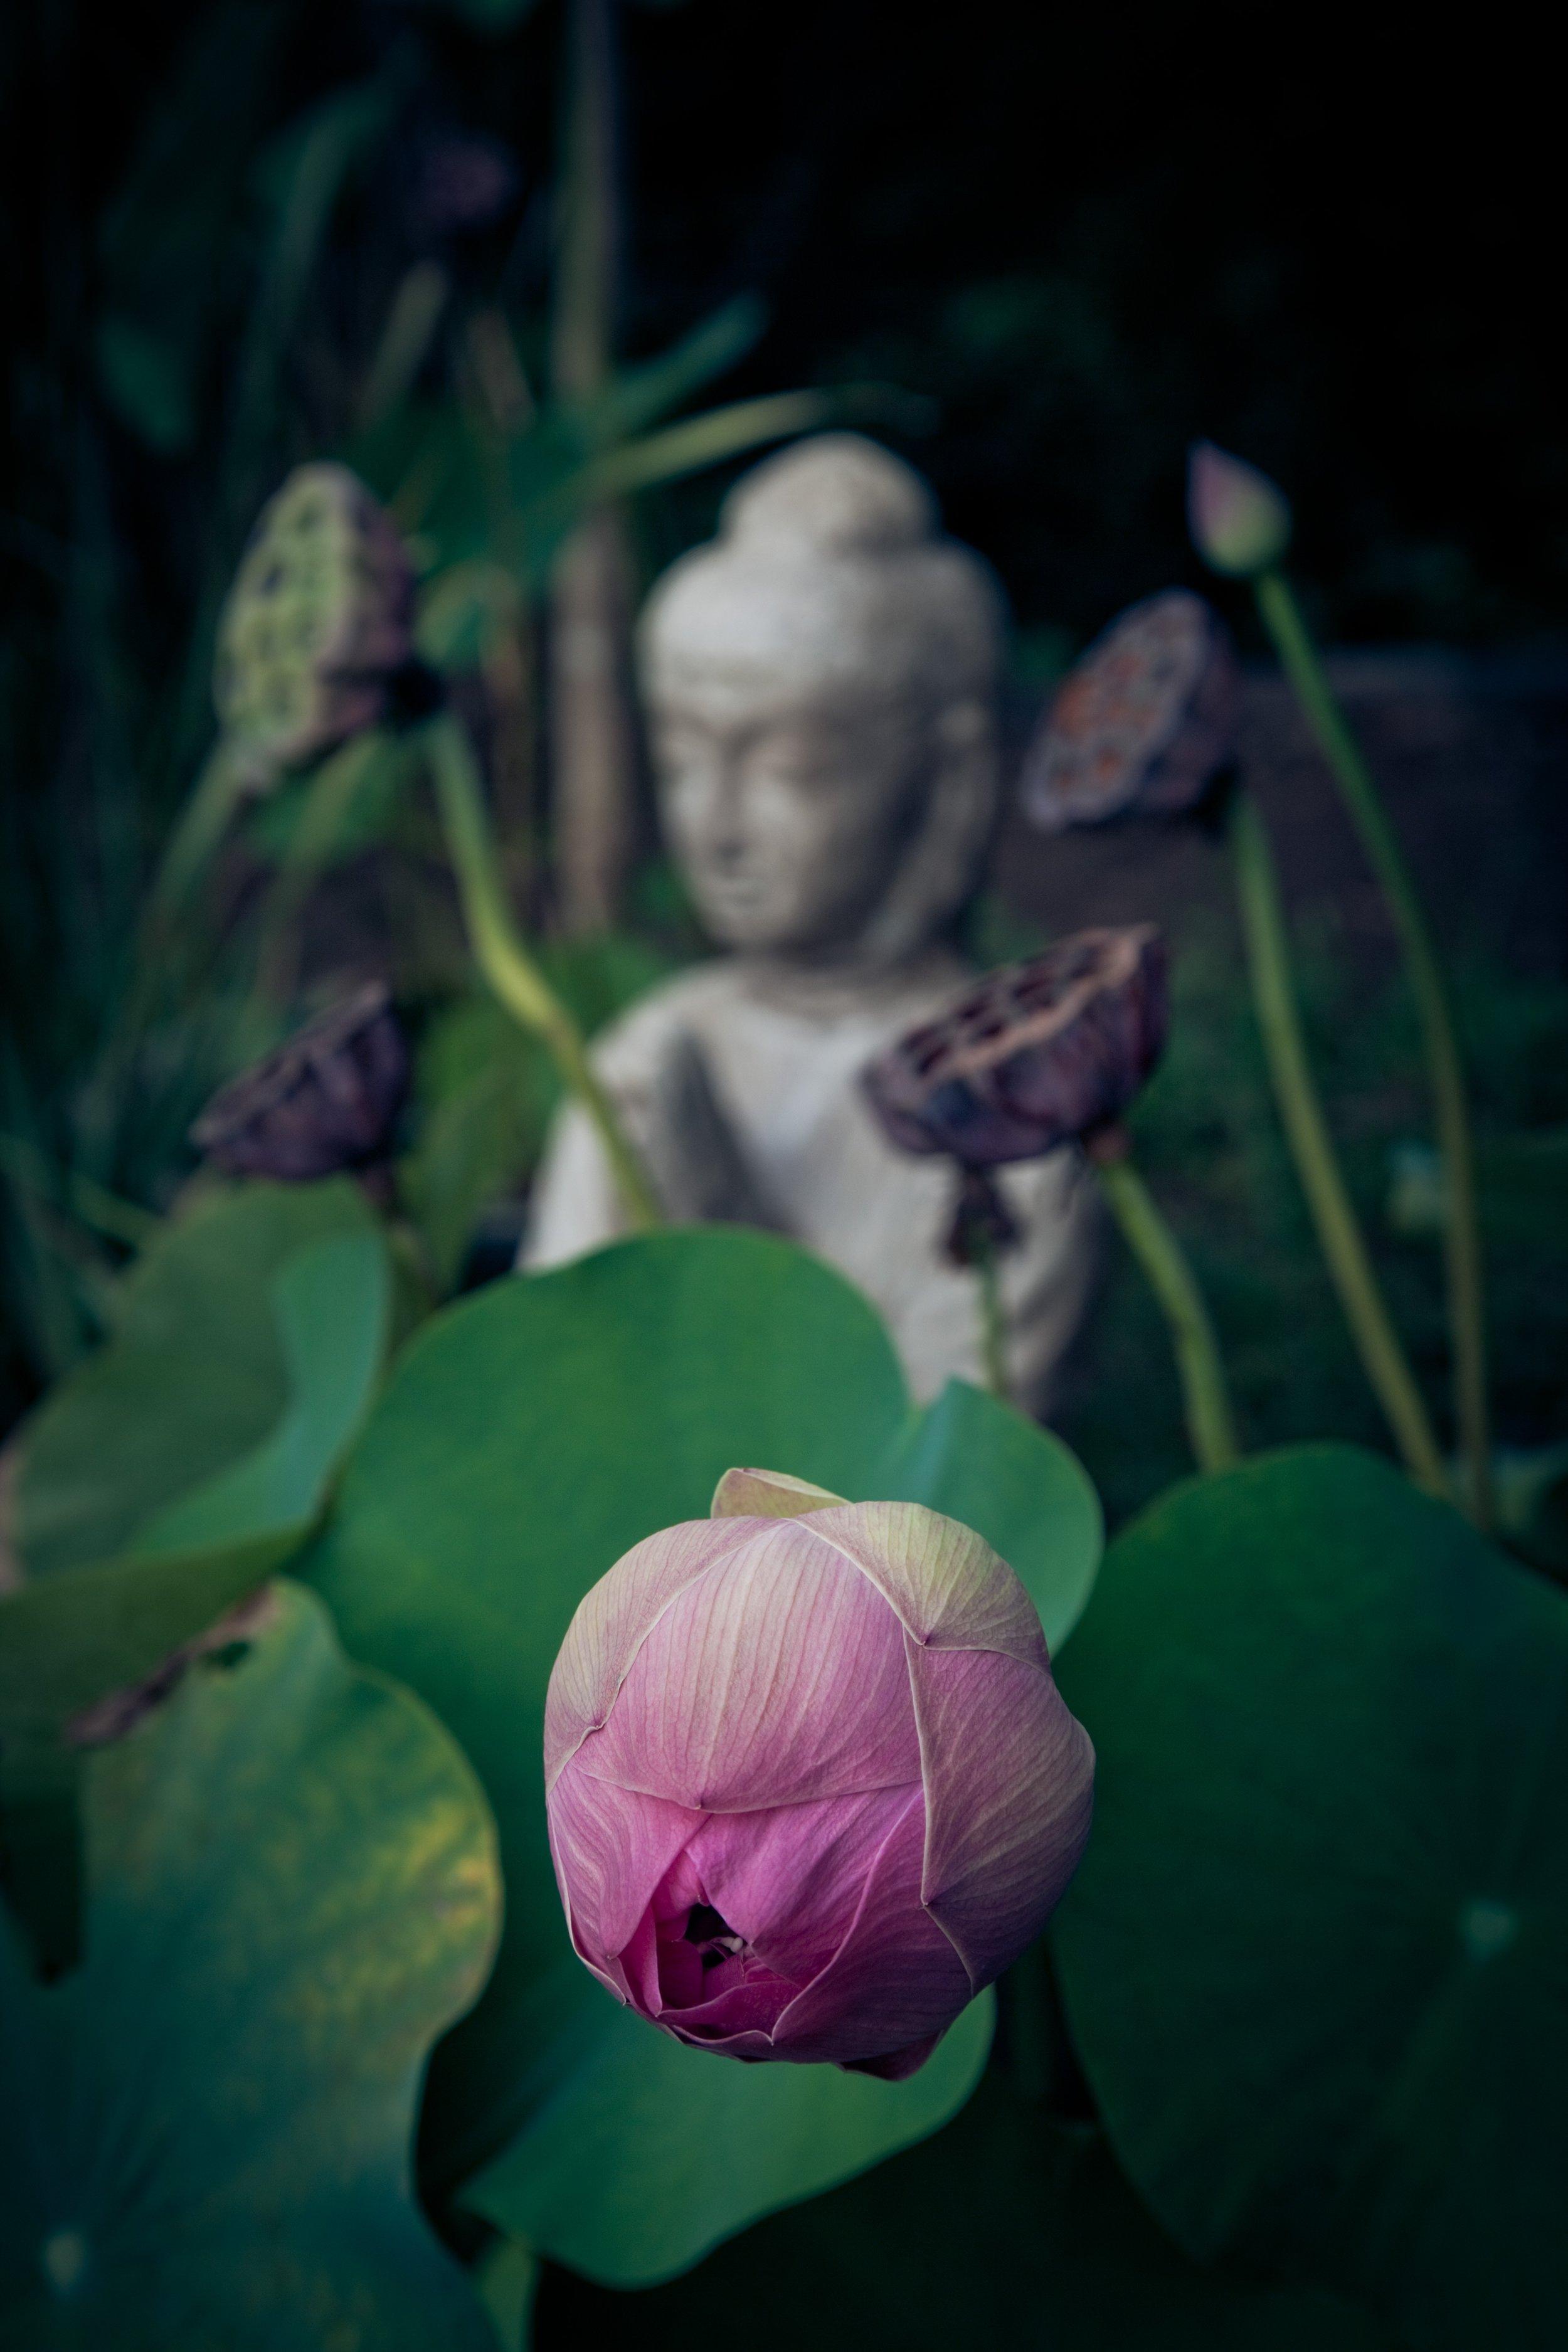 Zen Buddha Statue In Nature